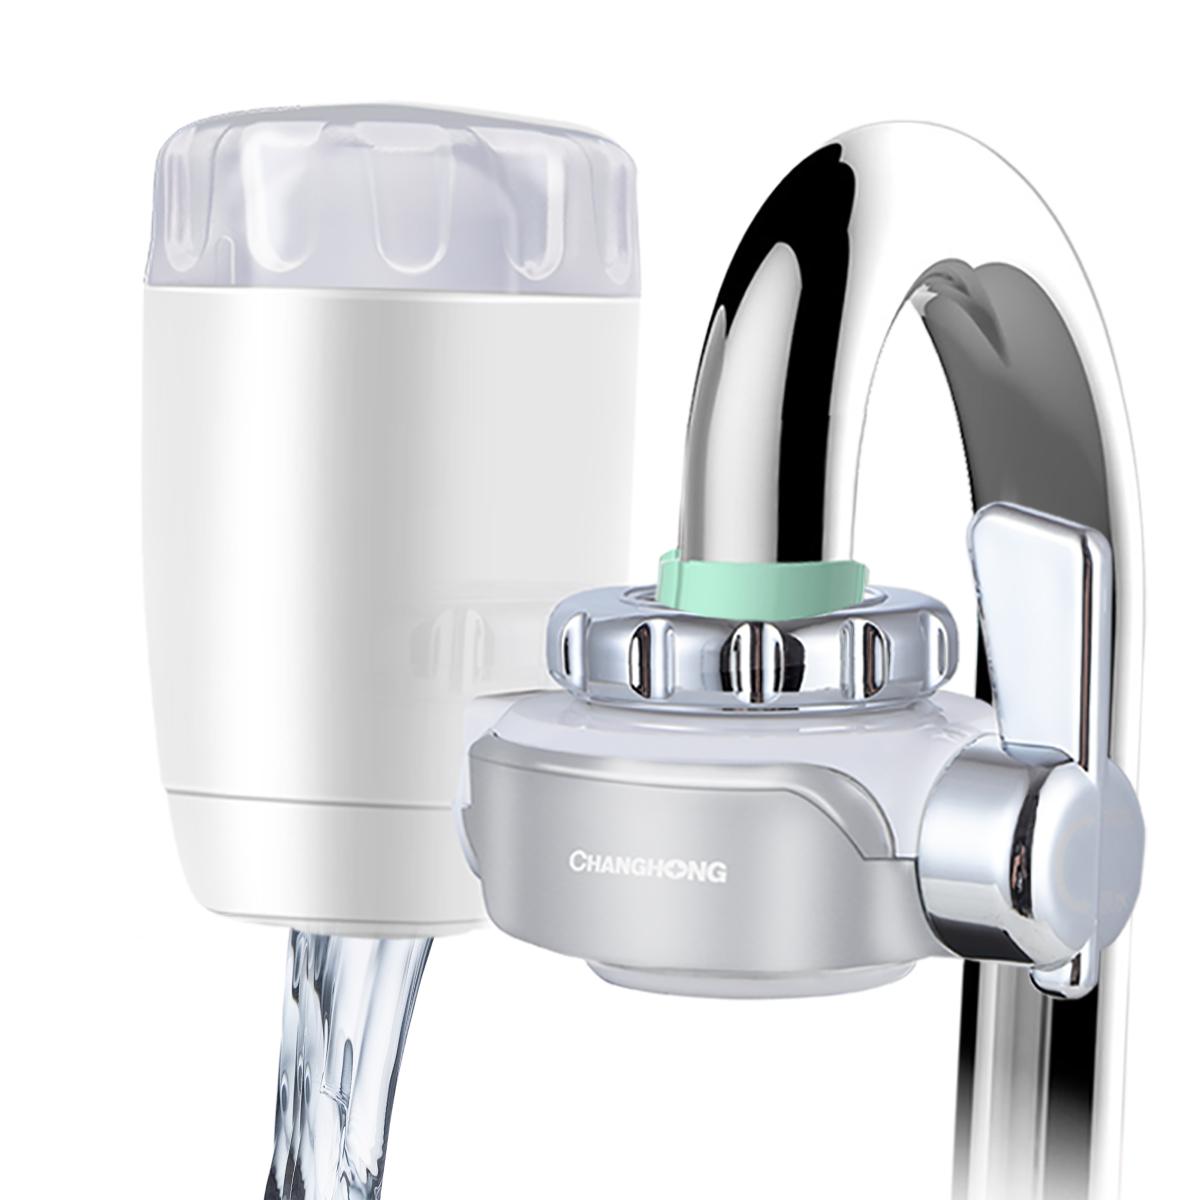 长虹水龙头净水器厨房水龙头过滤器净水器家用净水器家用非直饮